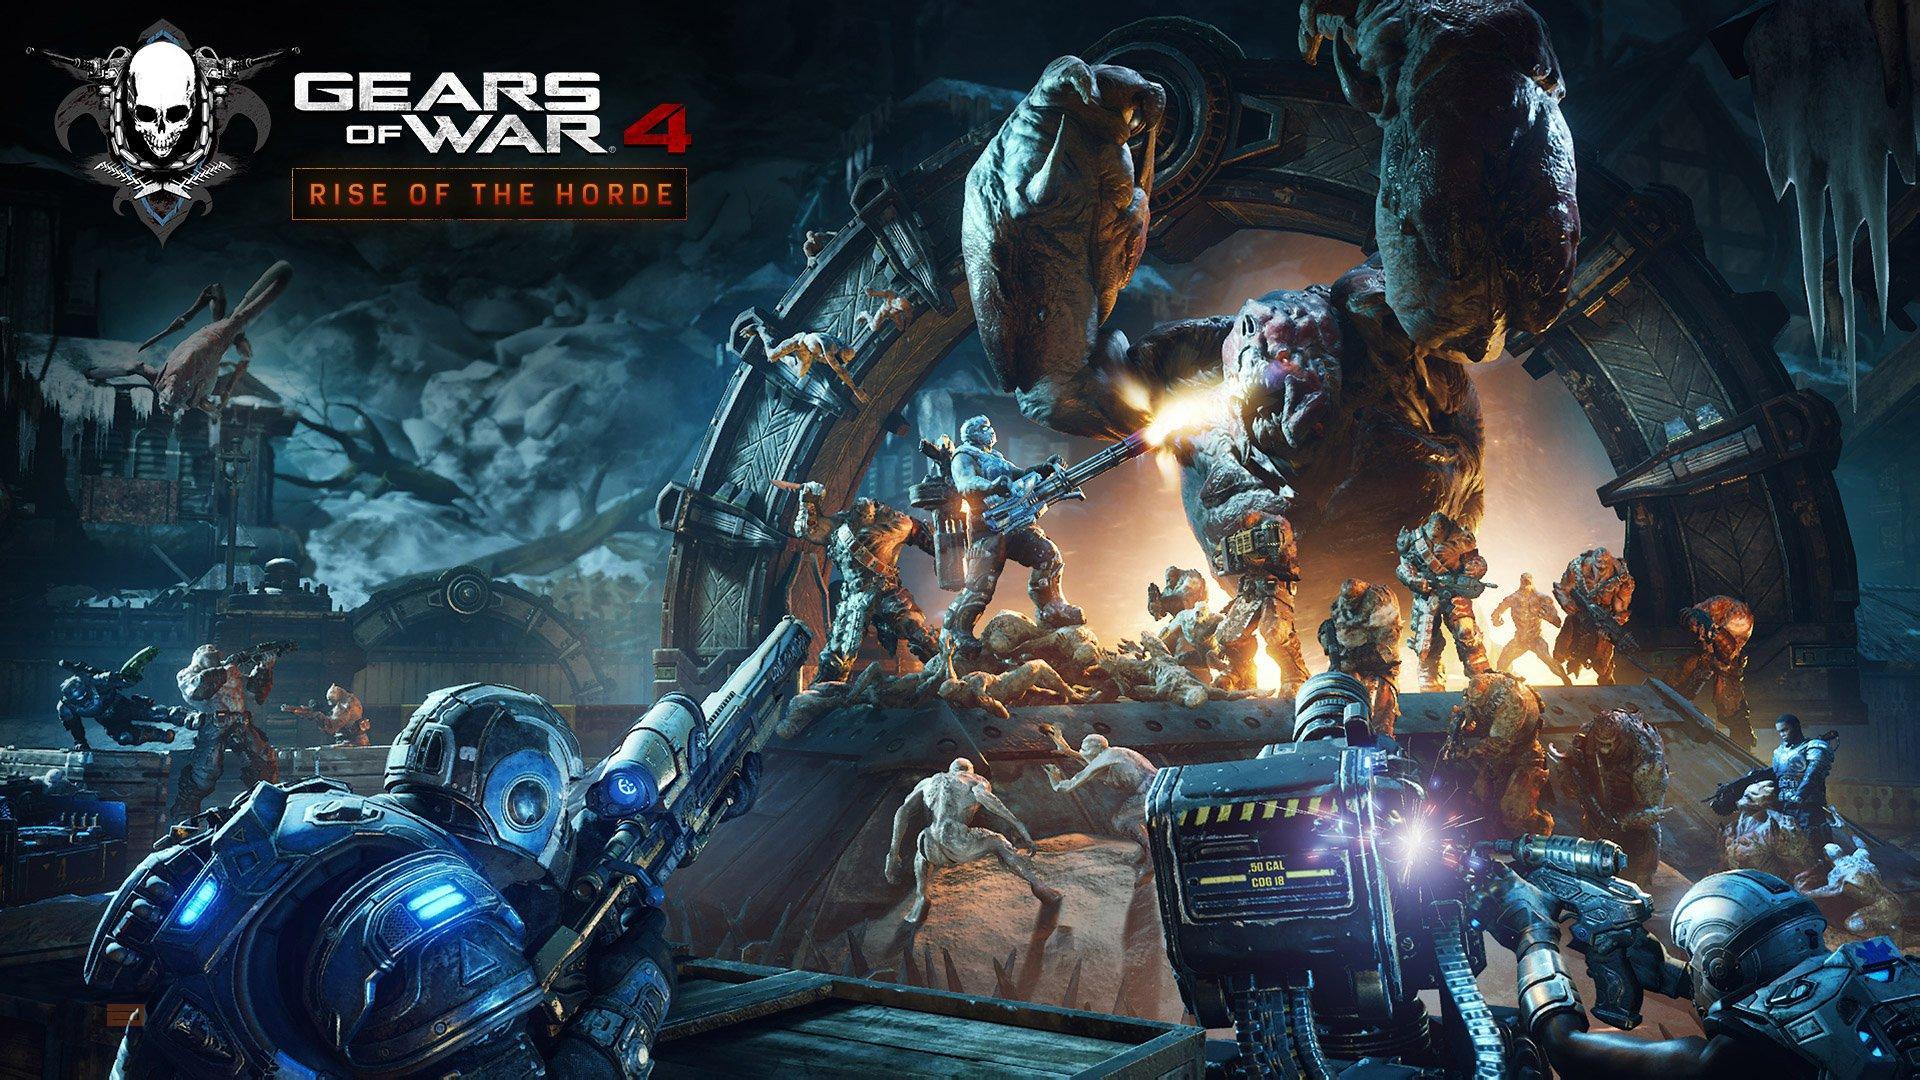 Gears of War 4 recibirá una gran actualización a la Horda y una prueba de 10 hora muy pronto